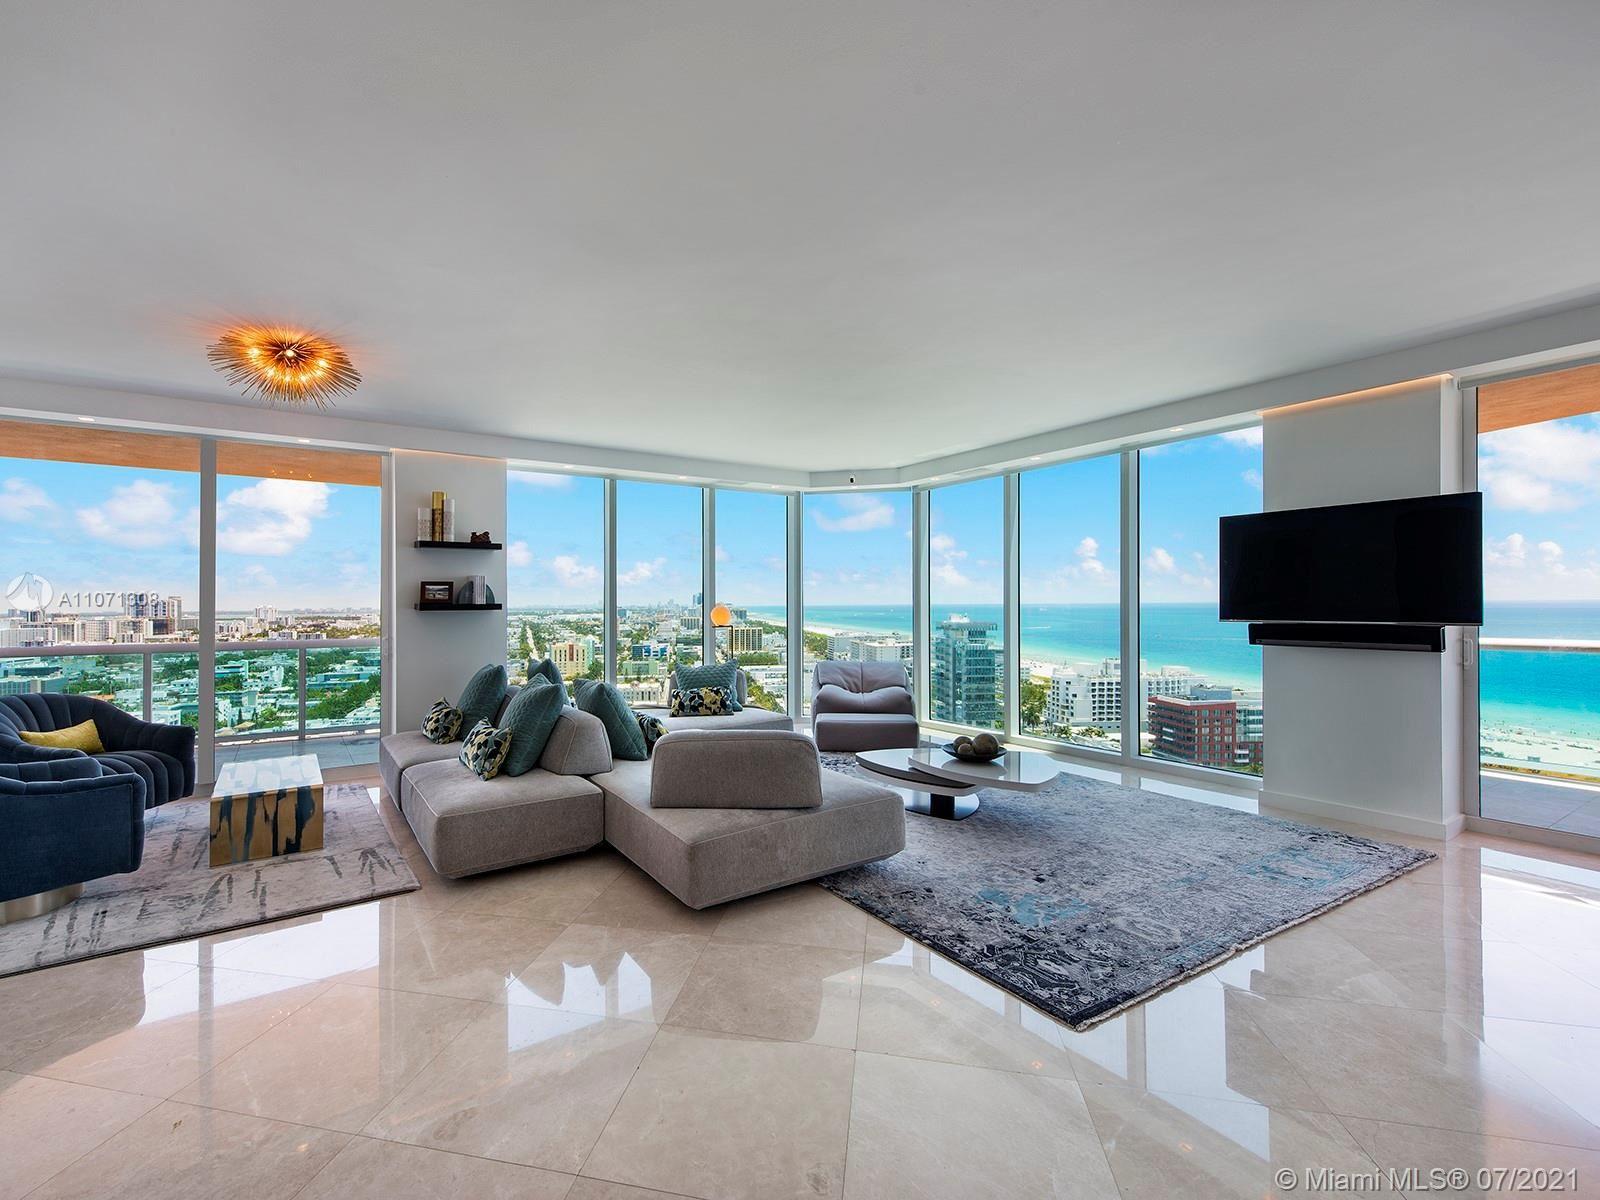 300 S Pointe Dr #2405, Miami Beach, FL 33139 - #: A11071308